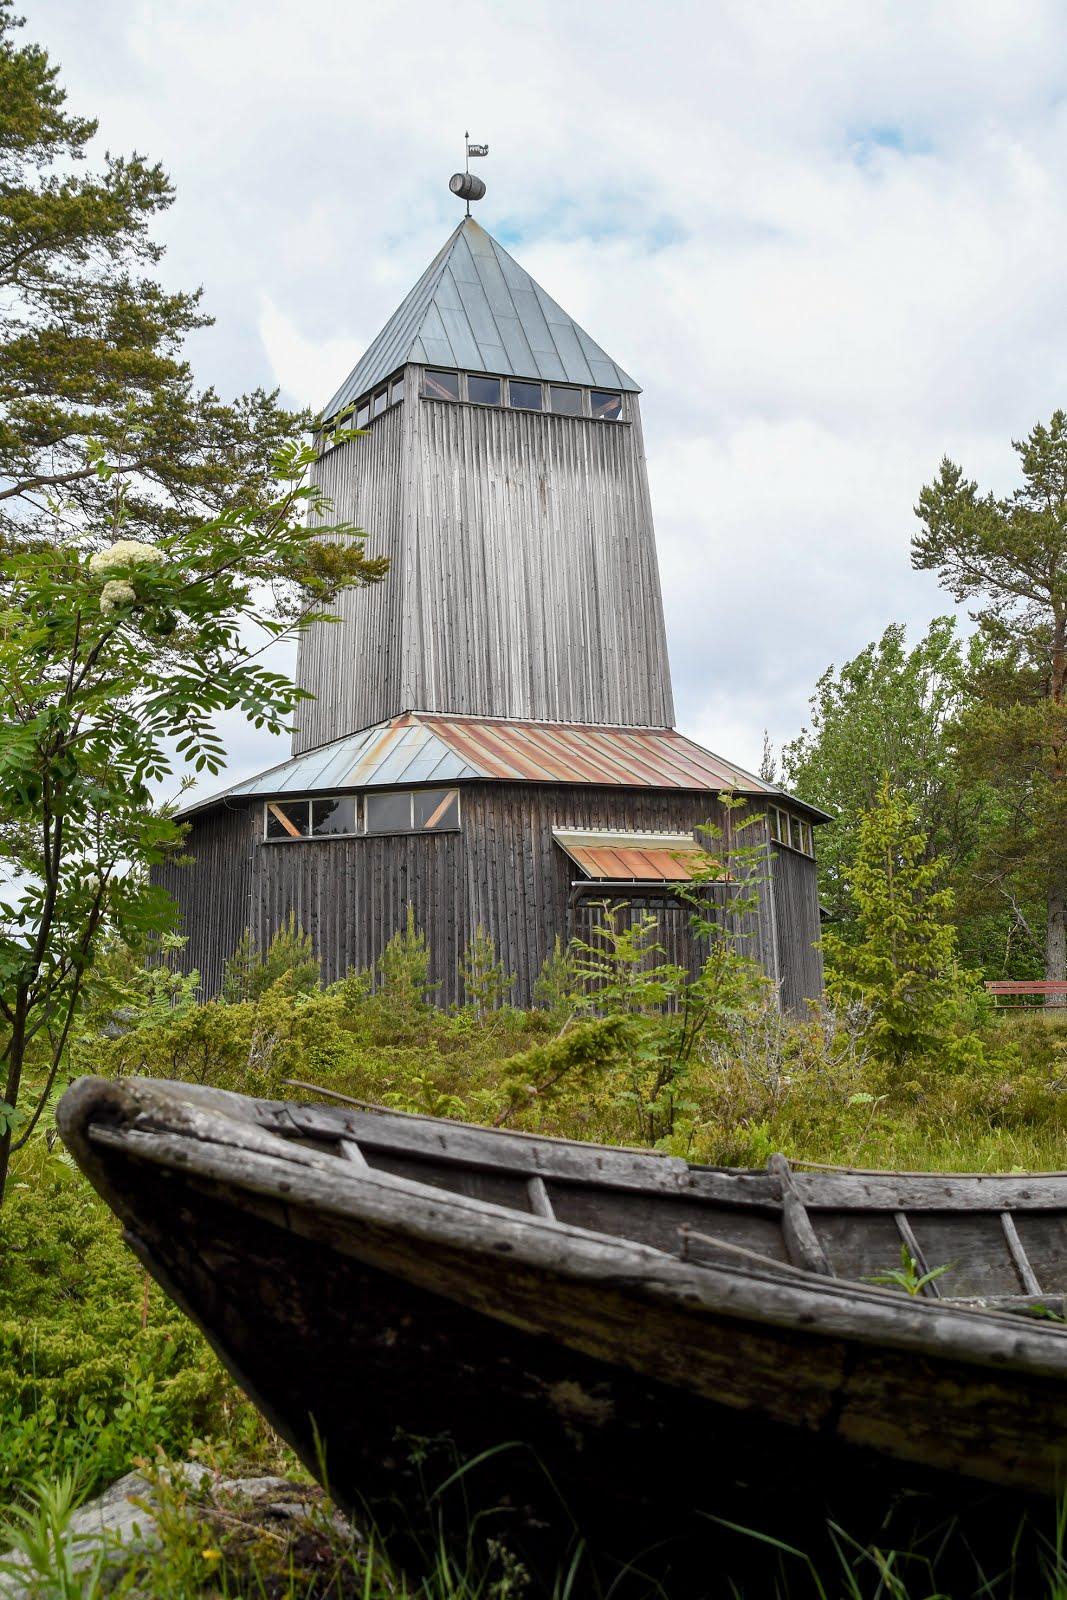 Båtbyggarhustruns smultronställen